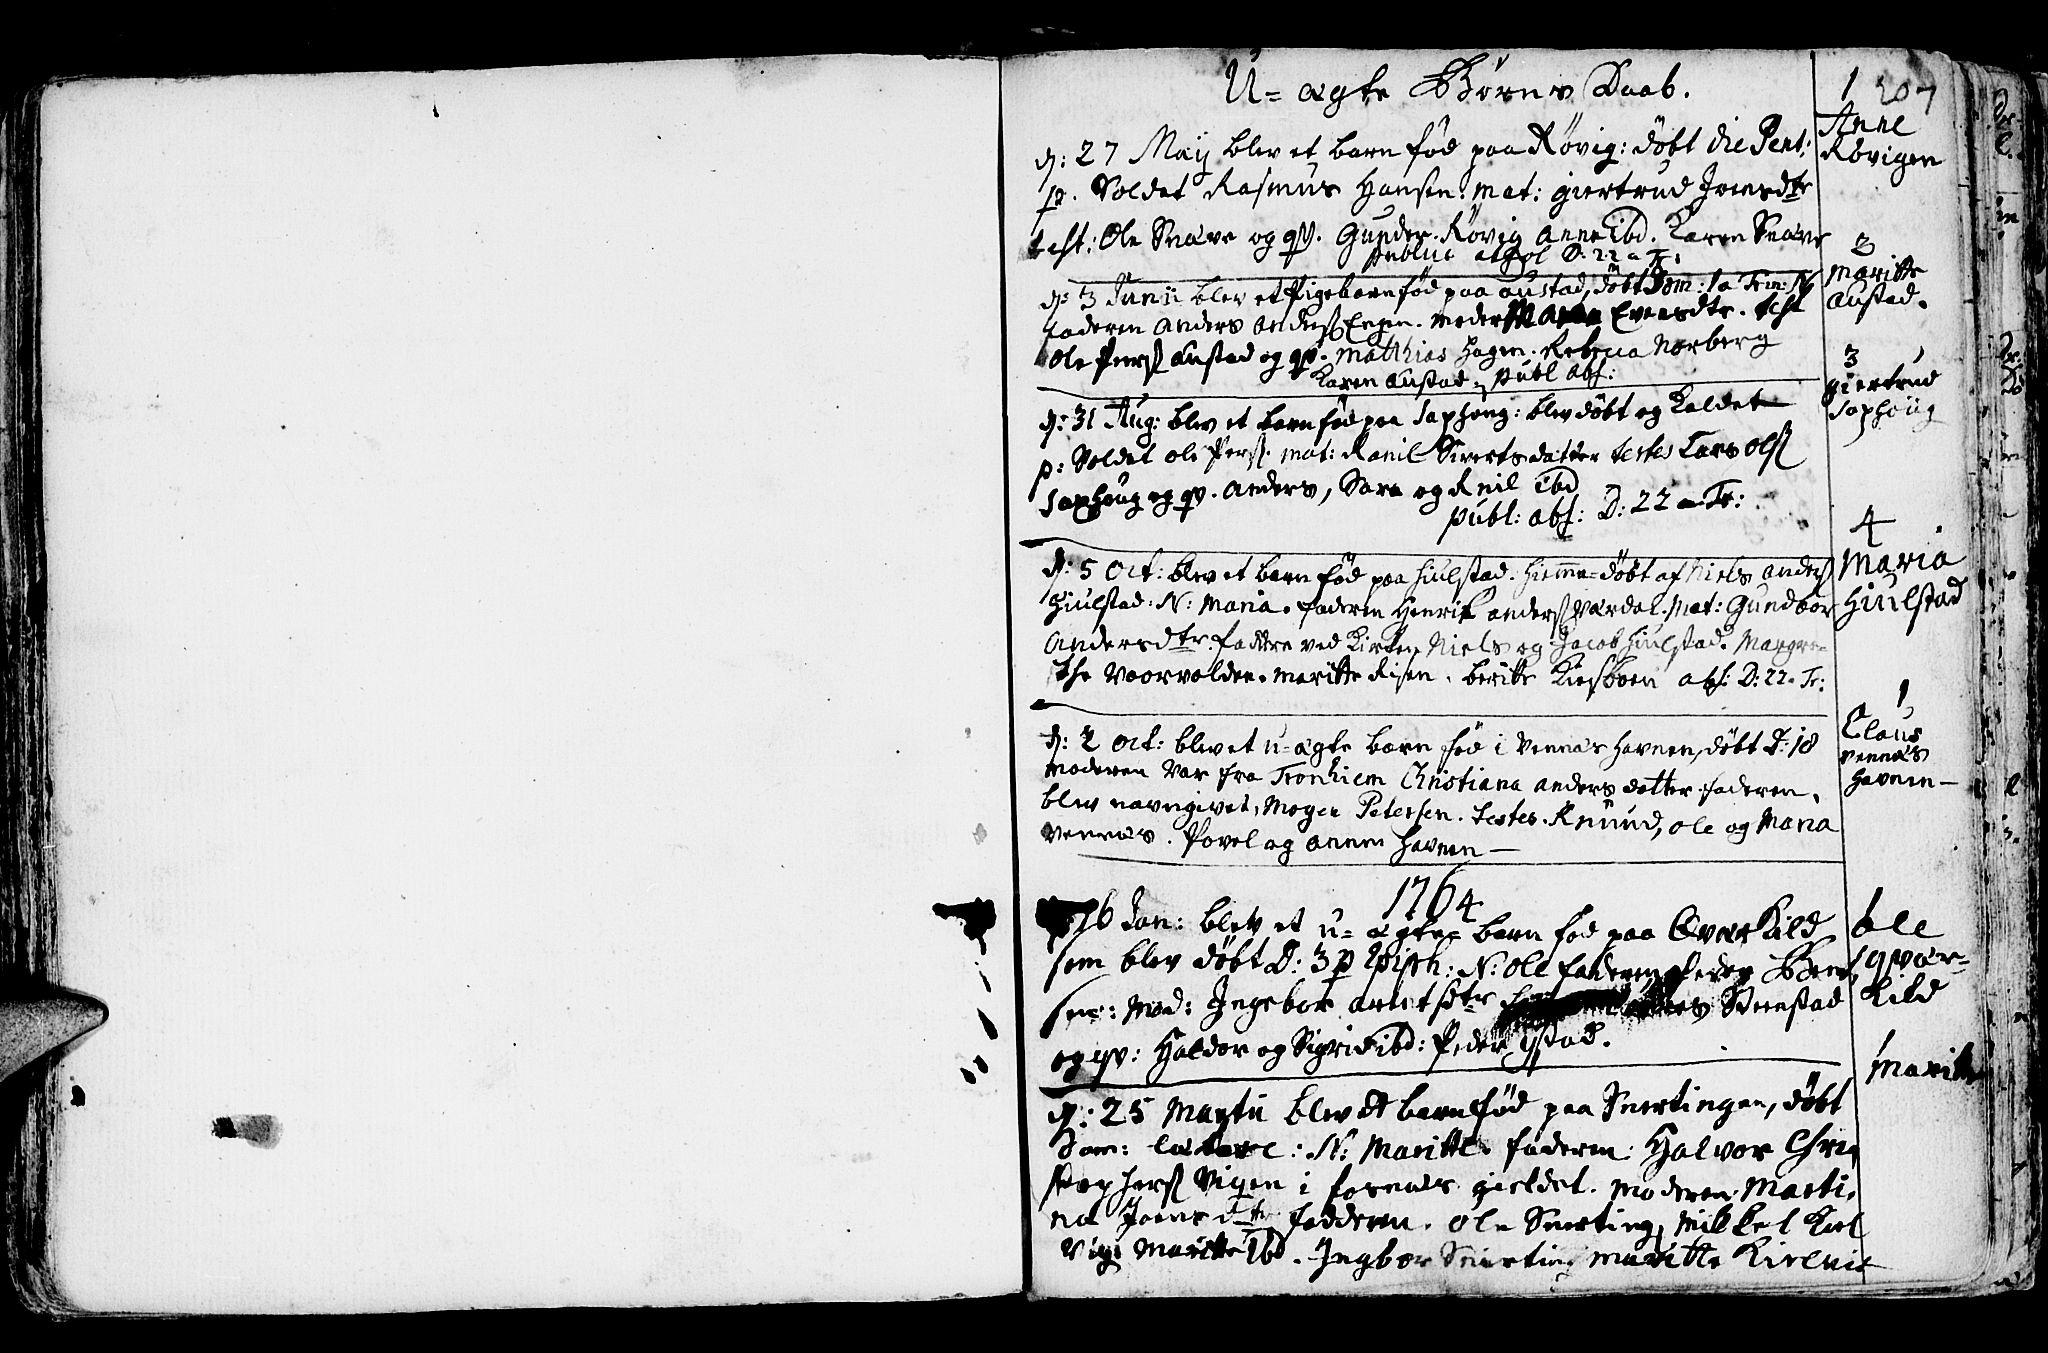 SAT, Ministerialprotokoller, klokkerbøker og fødselsregistre - Nord-Trøndelag, 730/L0273: Ministerialbok nr. 730A02, 1762-1802, s. 207